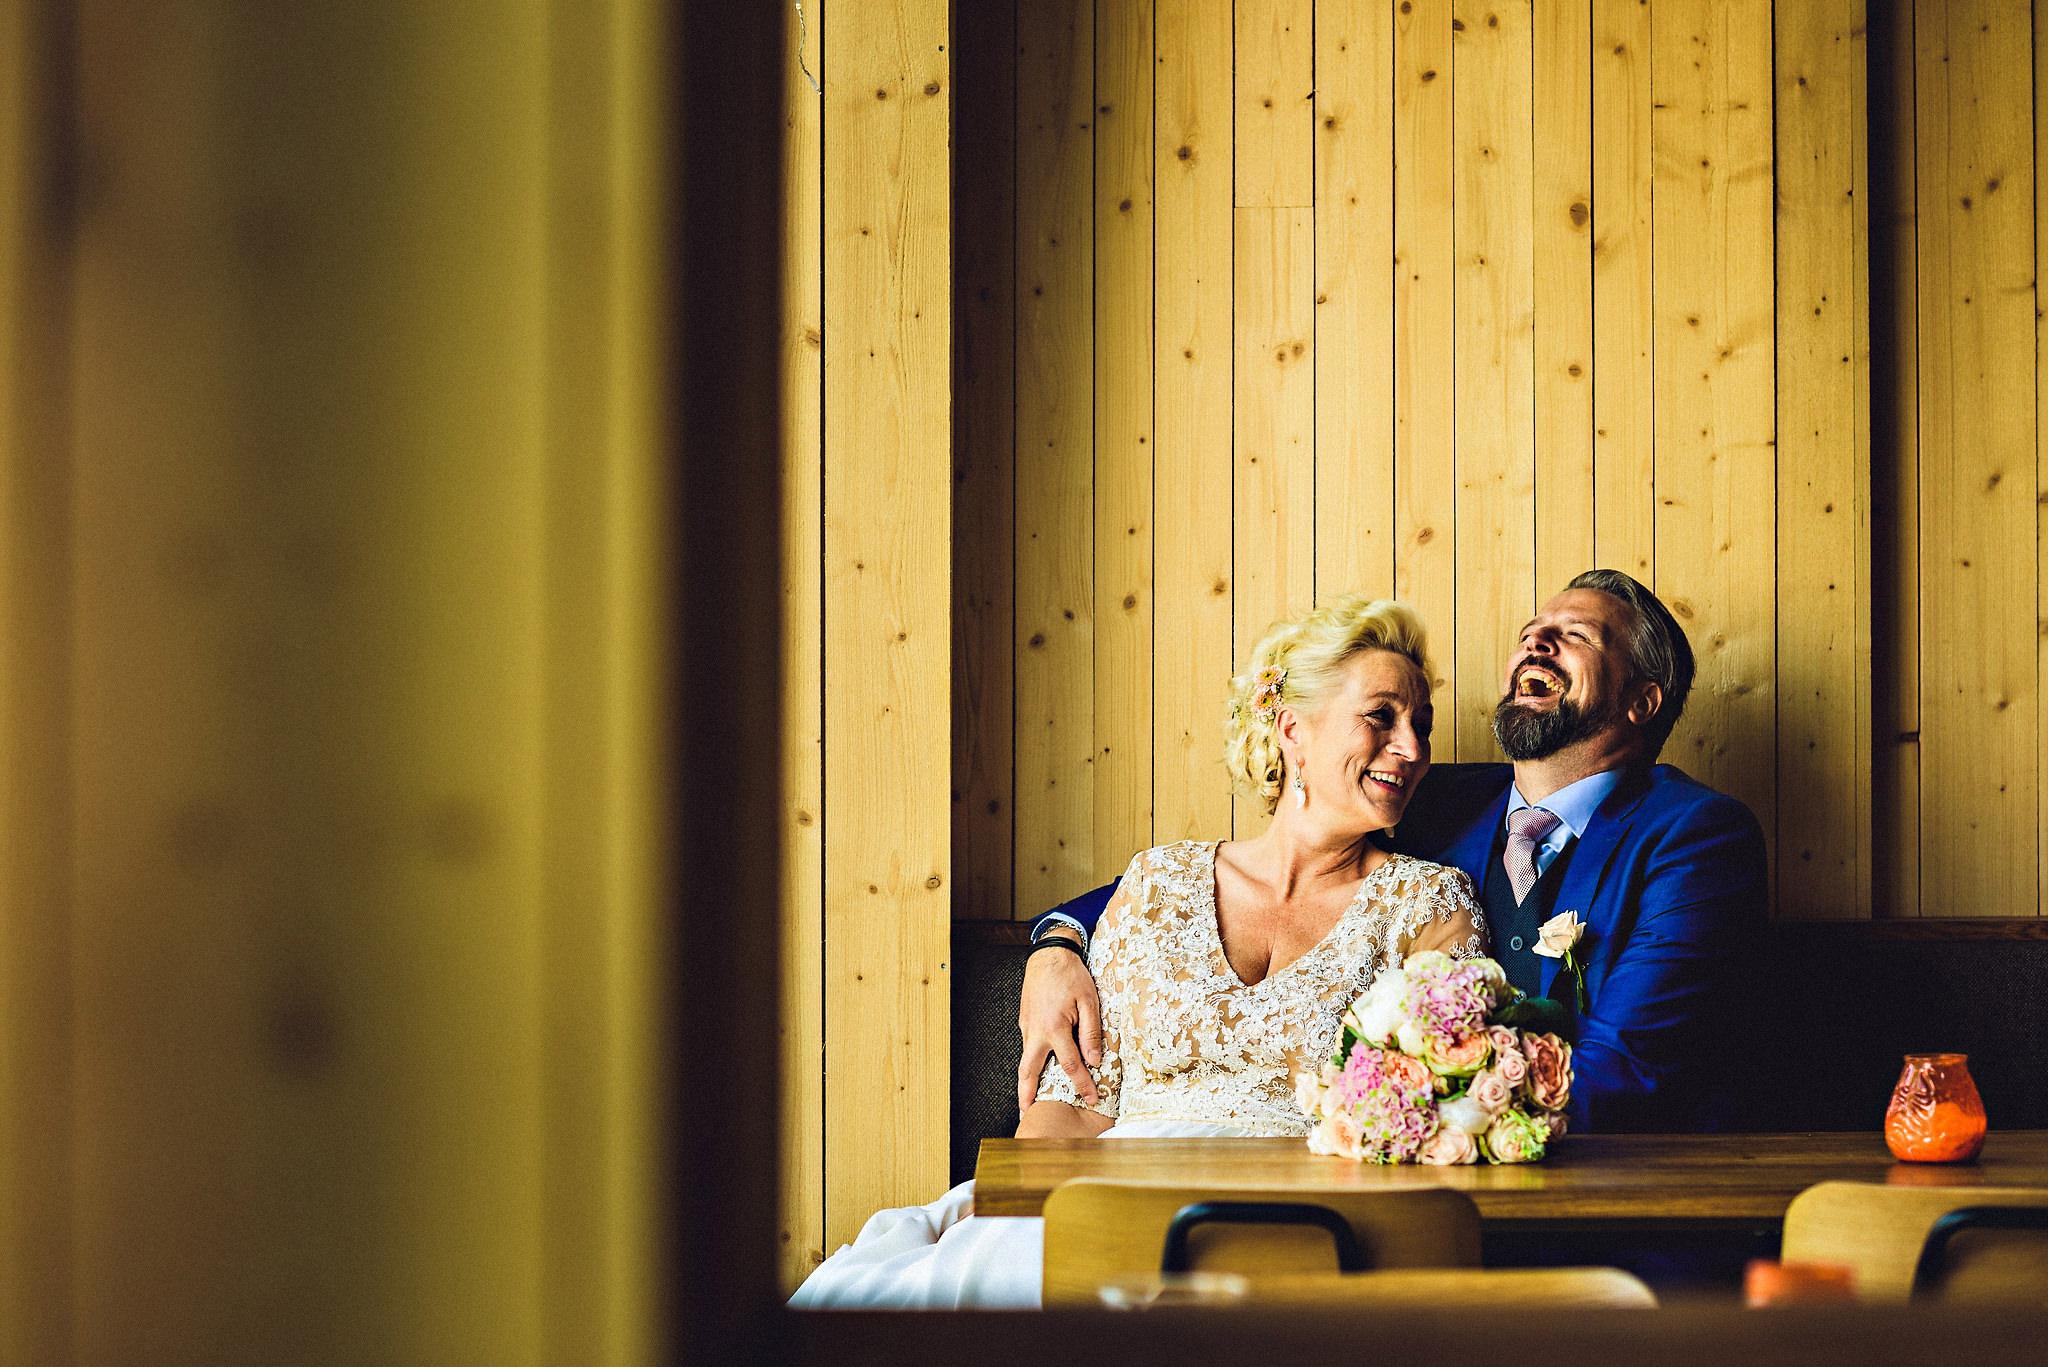 Eirik Halvorsen Tone og Sven bryllup blog-19.jpg